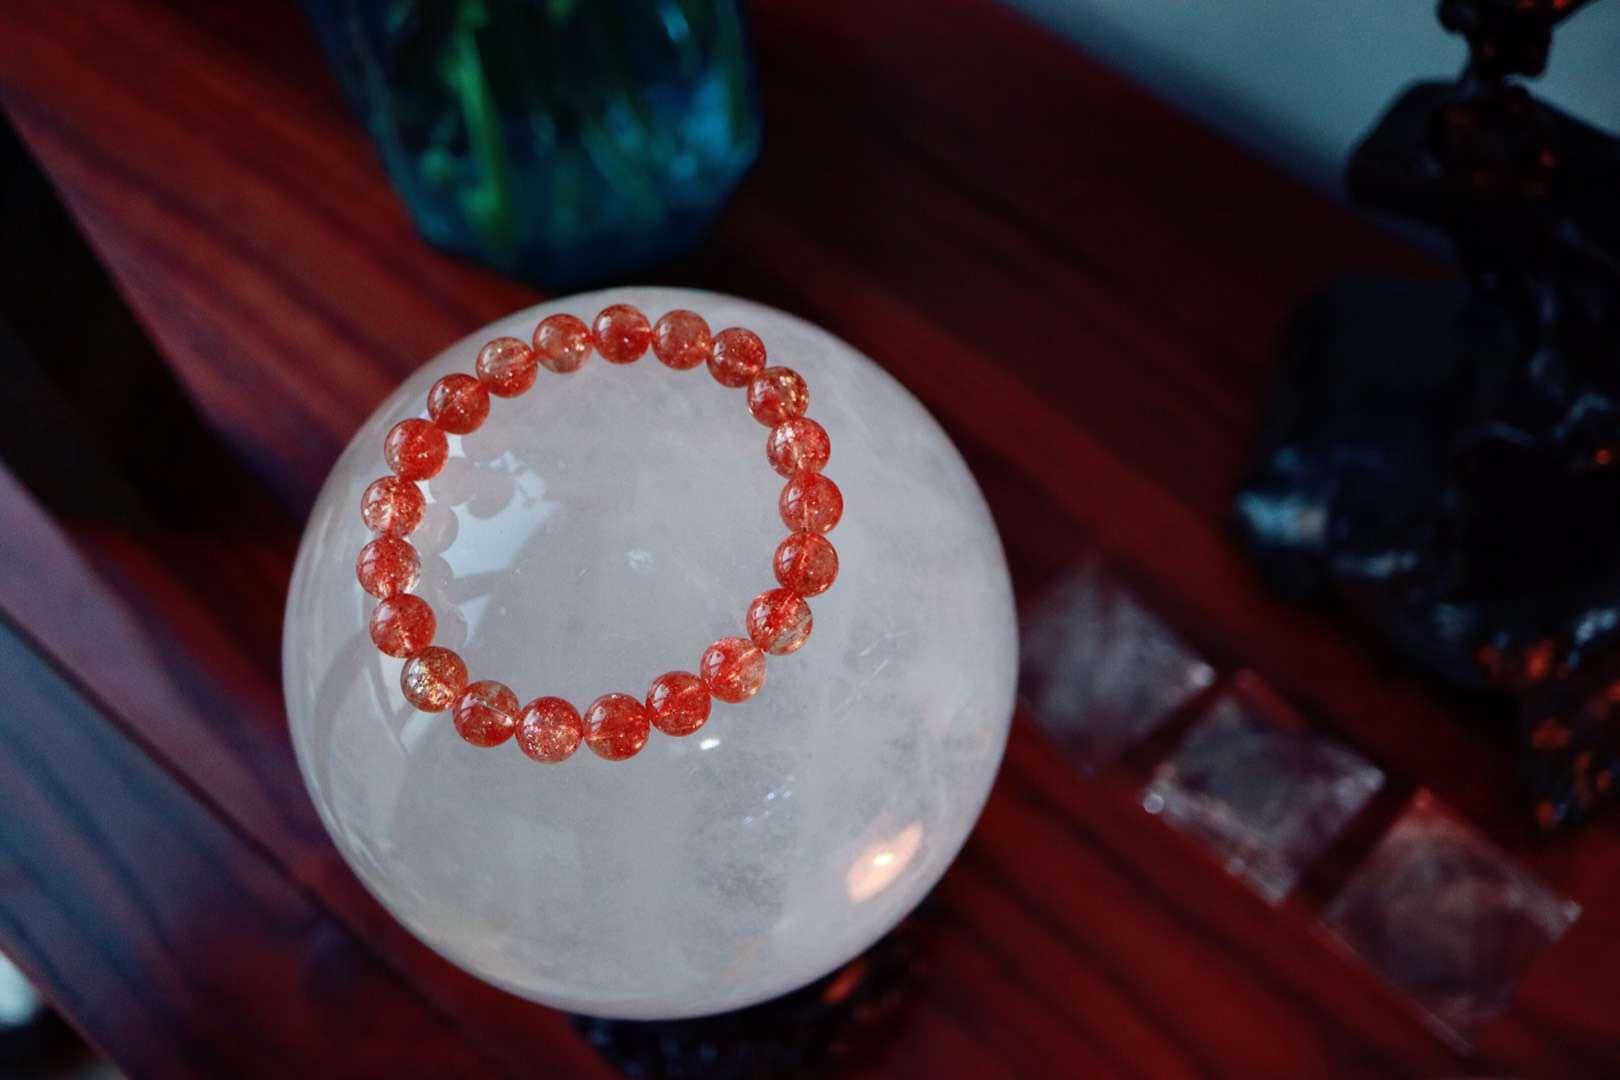 【菩心白水晶球|直径12.5cm】素有水晶之王的美誉,消磁净化的神器-菩心晶舍